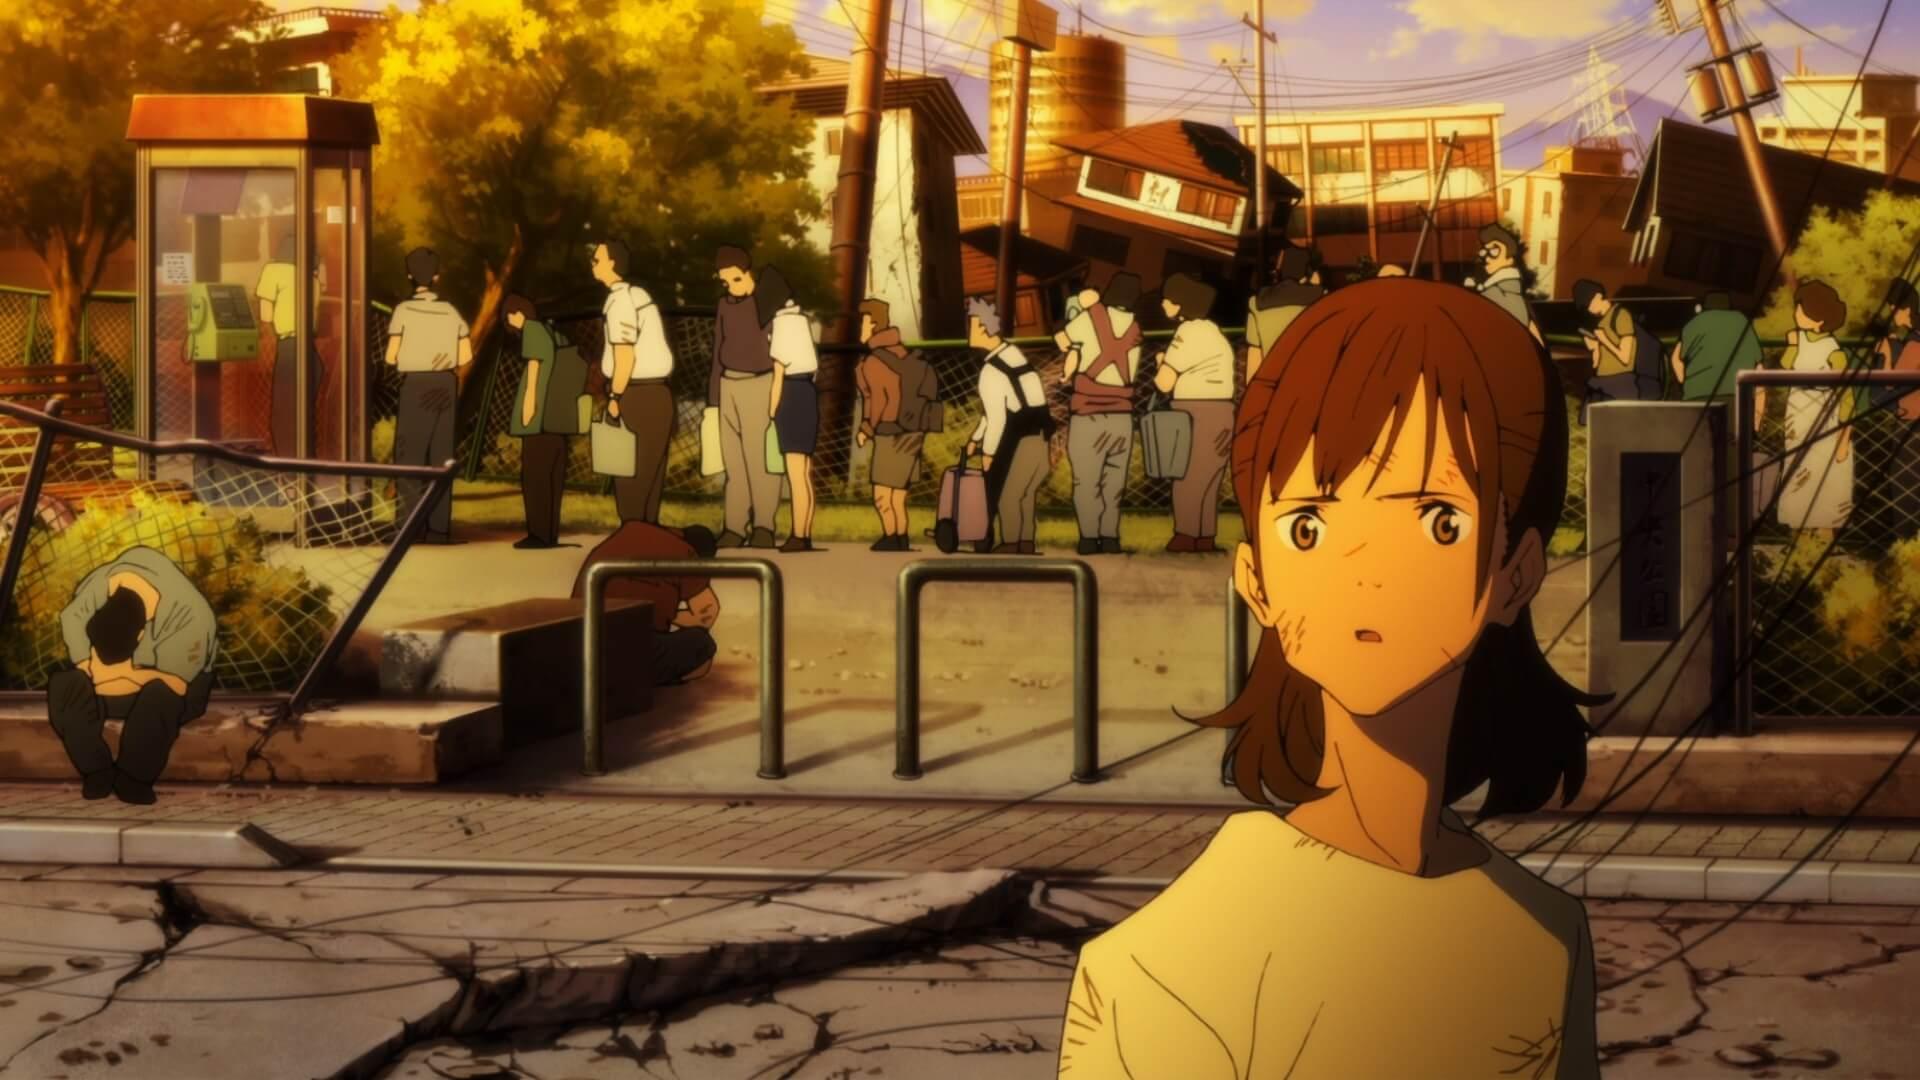 物憂げな表情が示す想いとは...?Netflixオリジナルアニメ『日本沈没2020』のメインキャスト&場面写真が解禁! art200326_nihon_2020_2